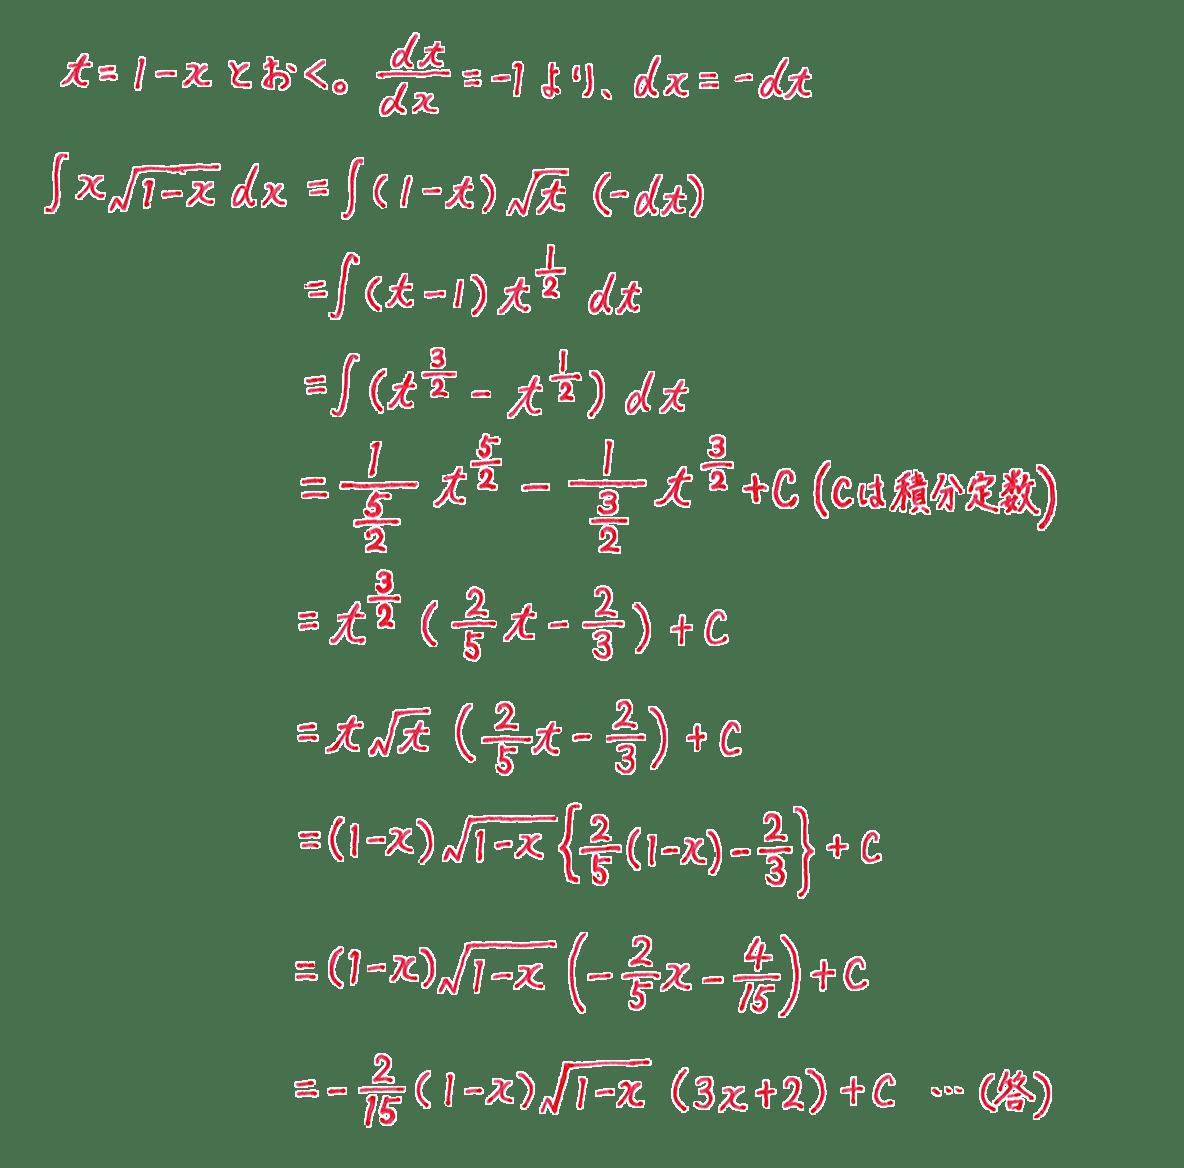 積分法とその応用12 問題2 答え